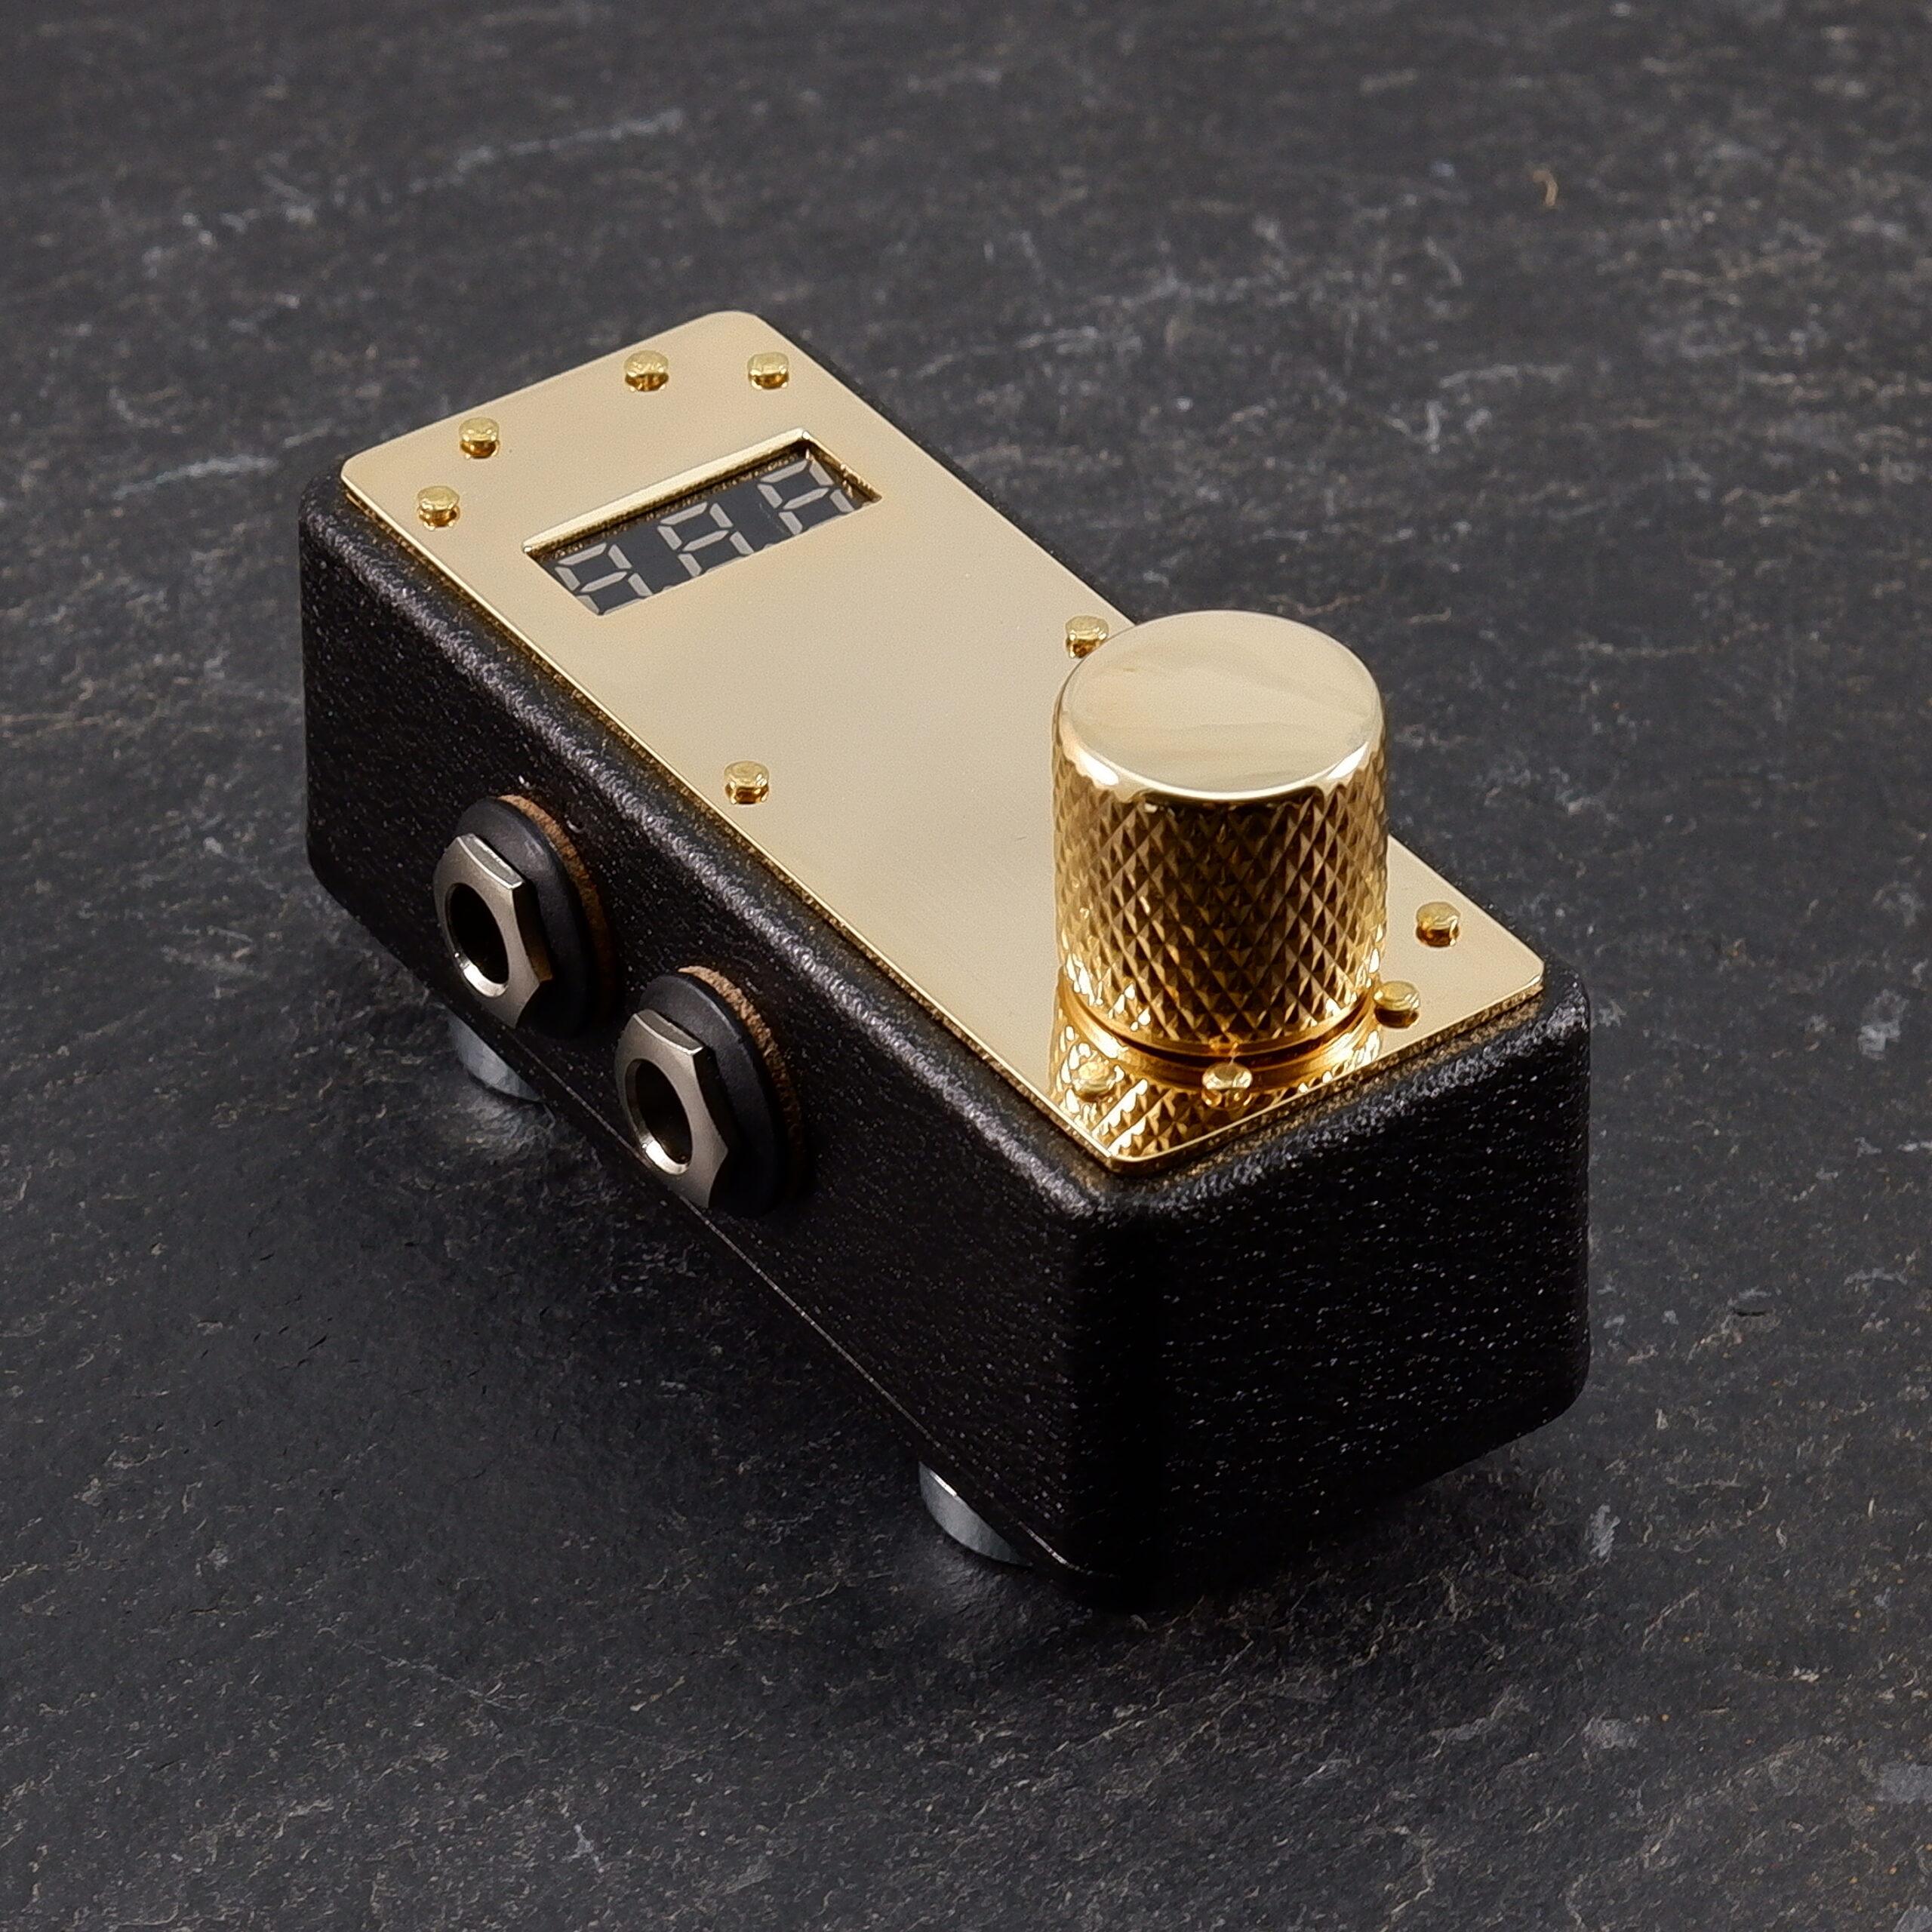 DSCF5998